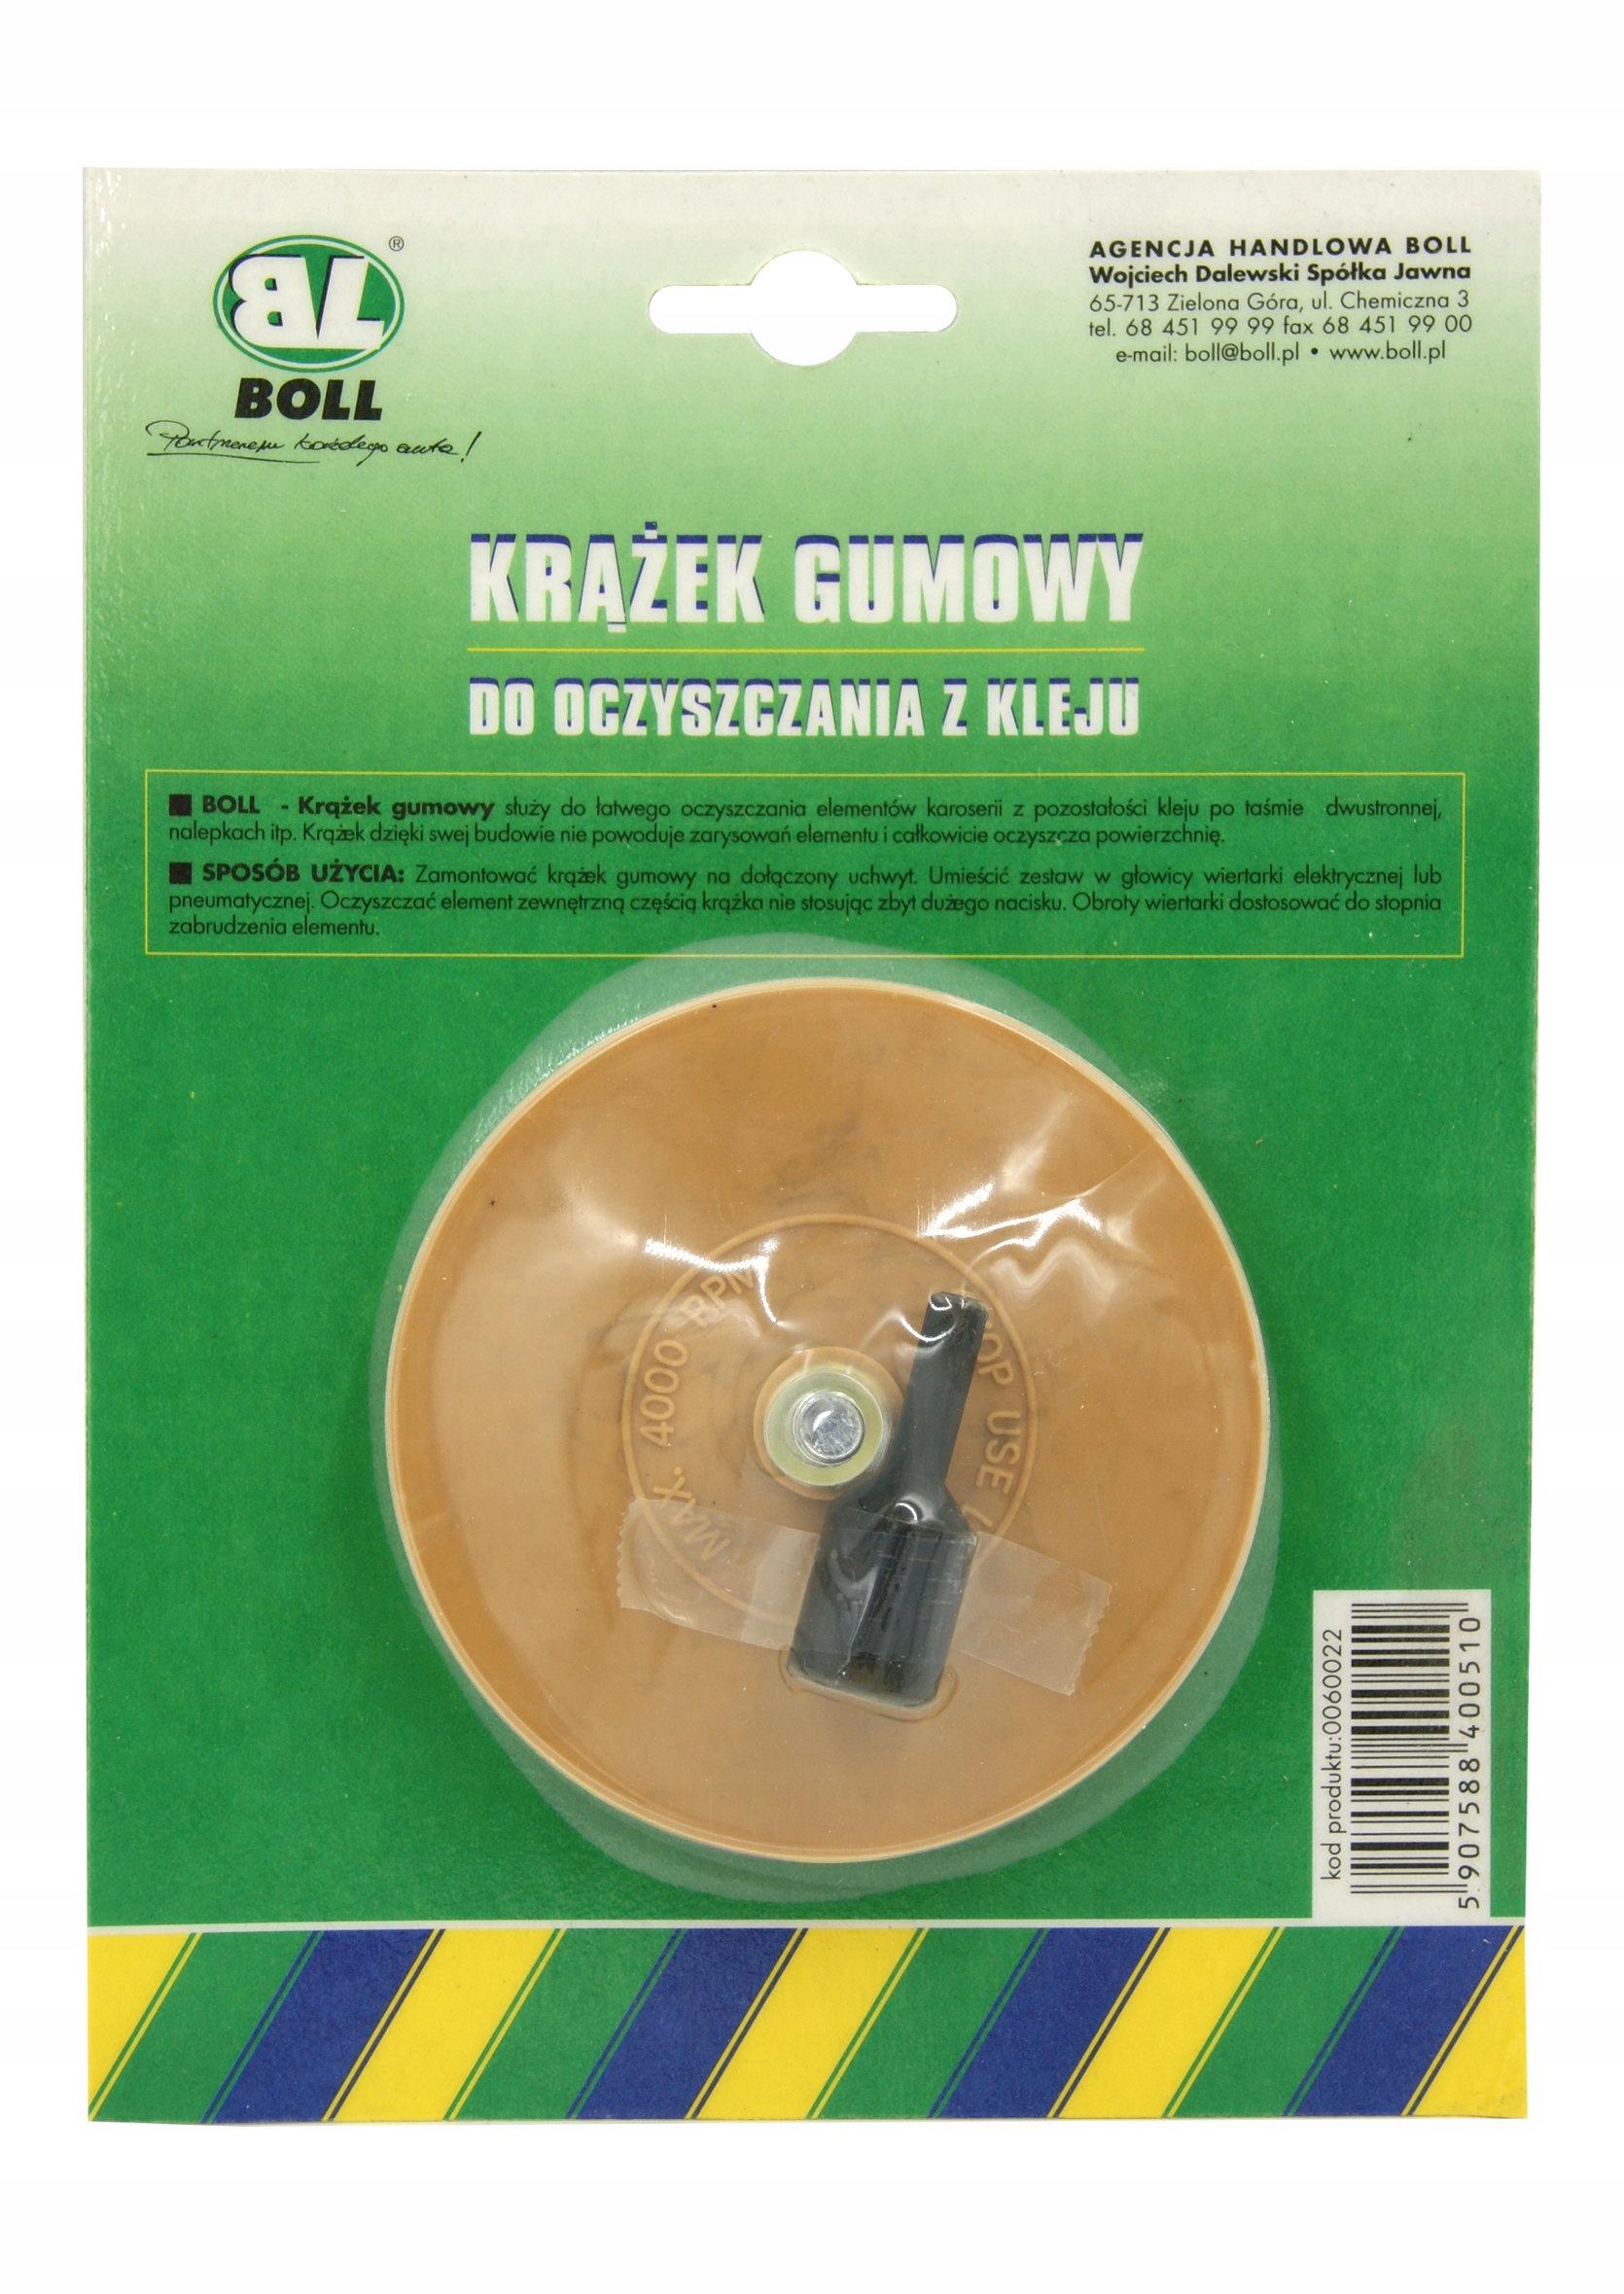 РЕЗИНовая шайба BOLL для удаления клея из кузова